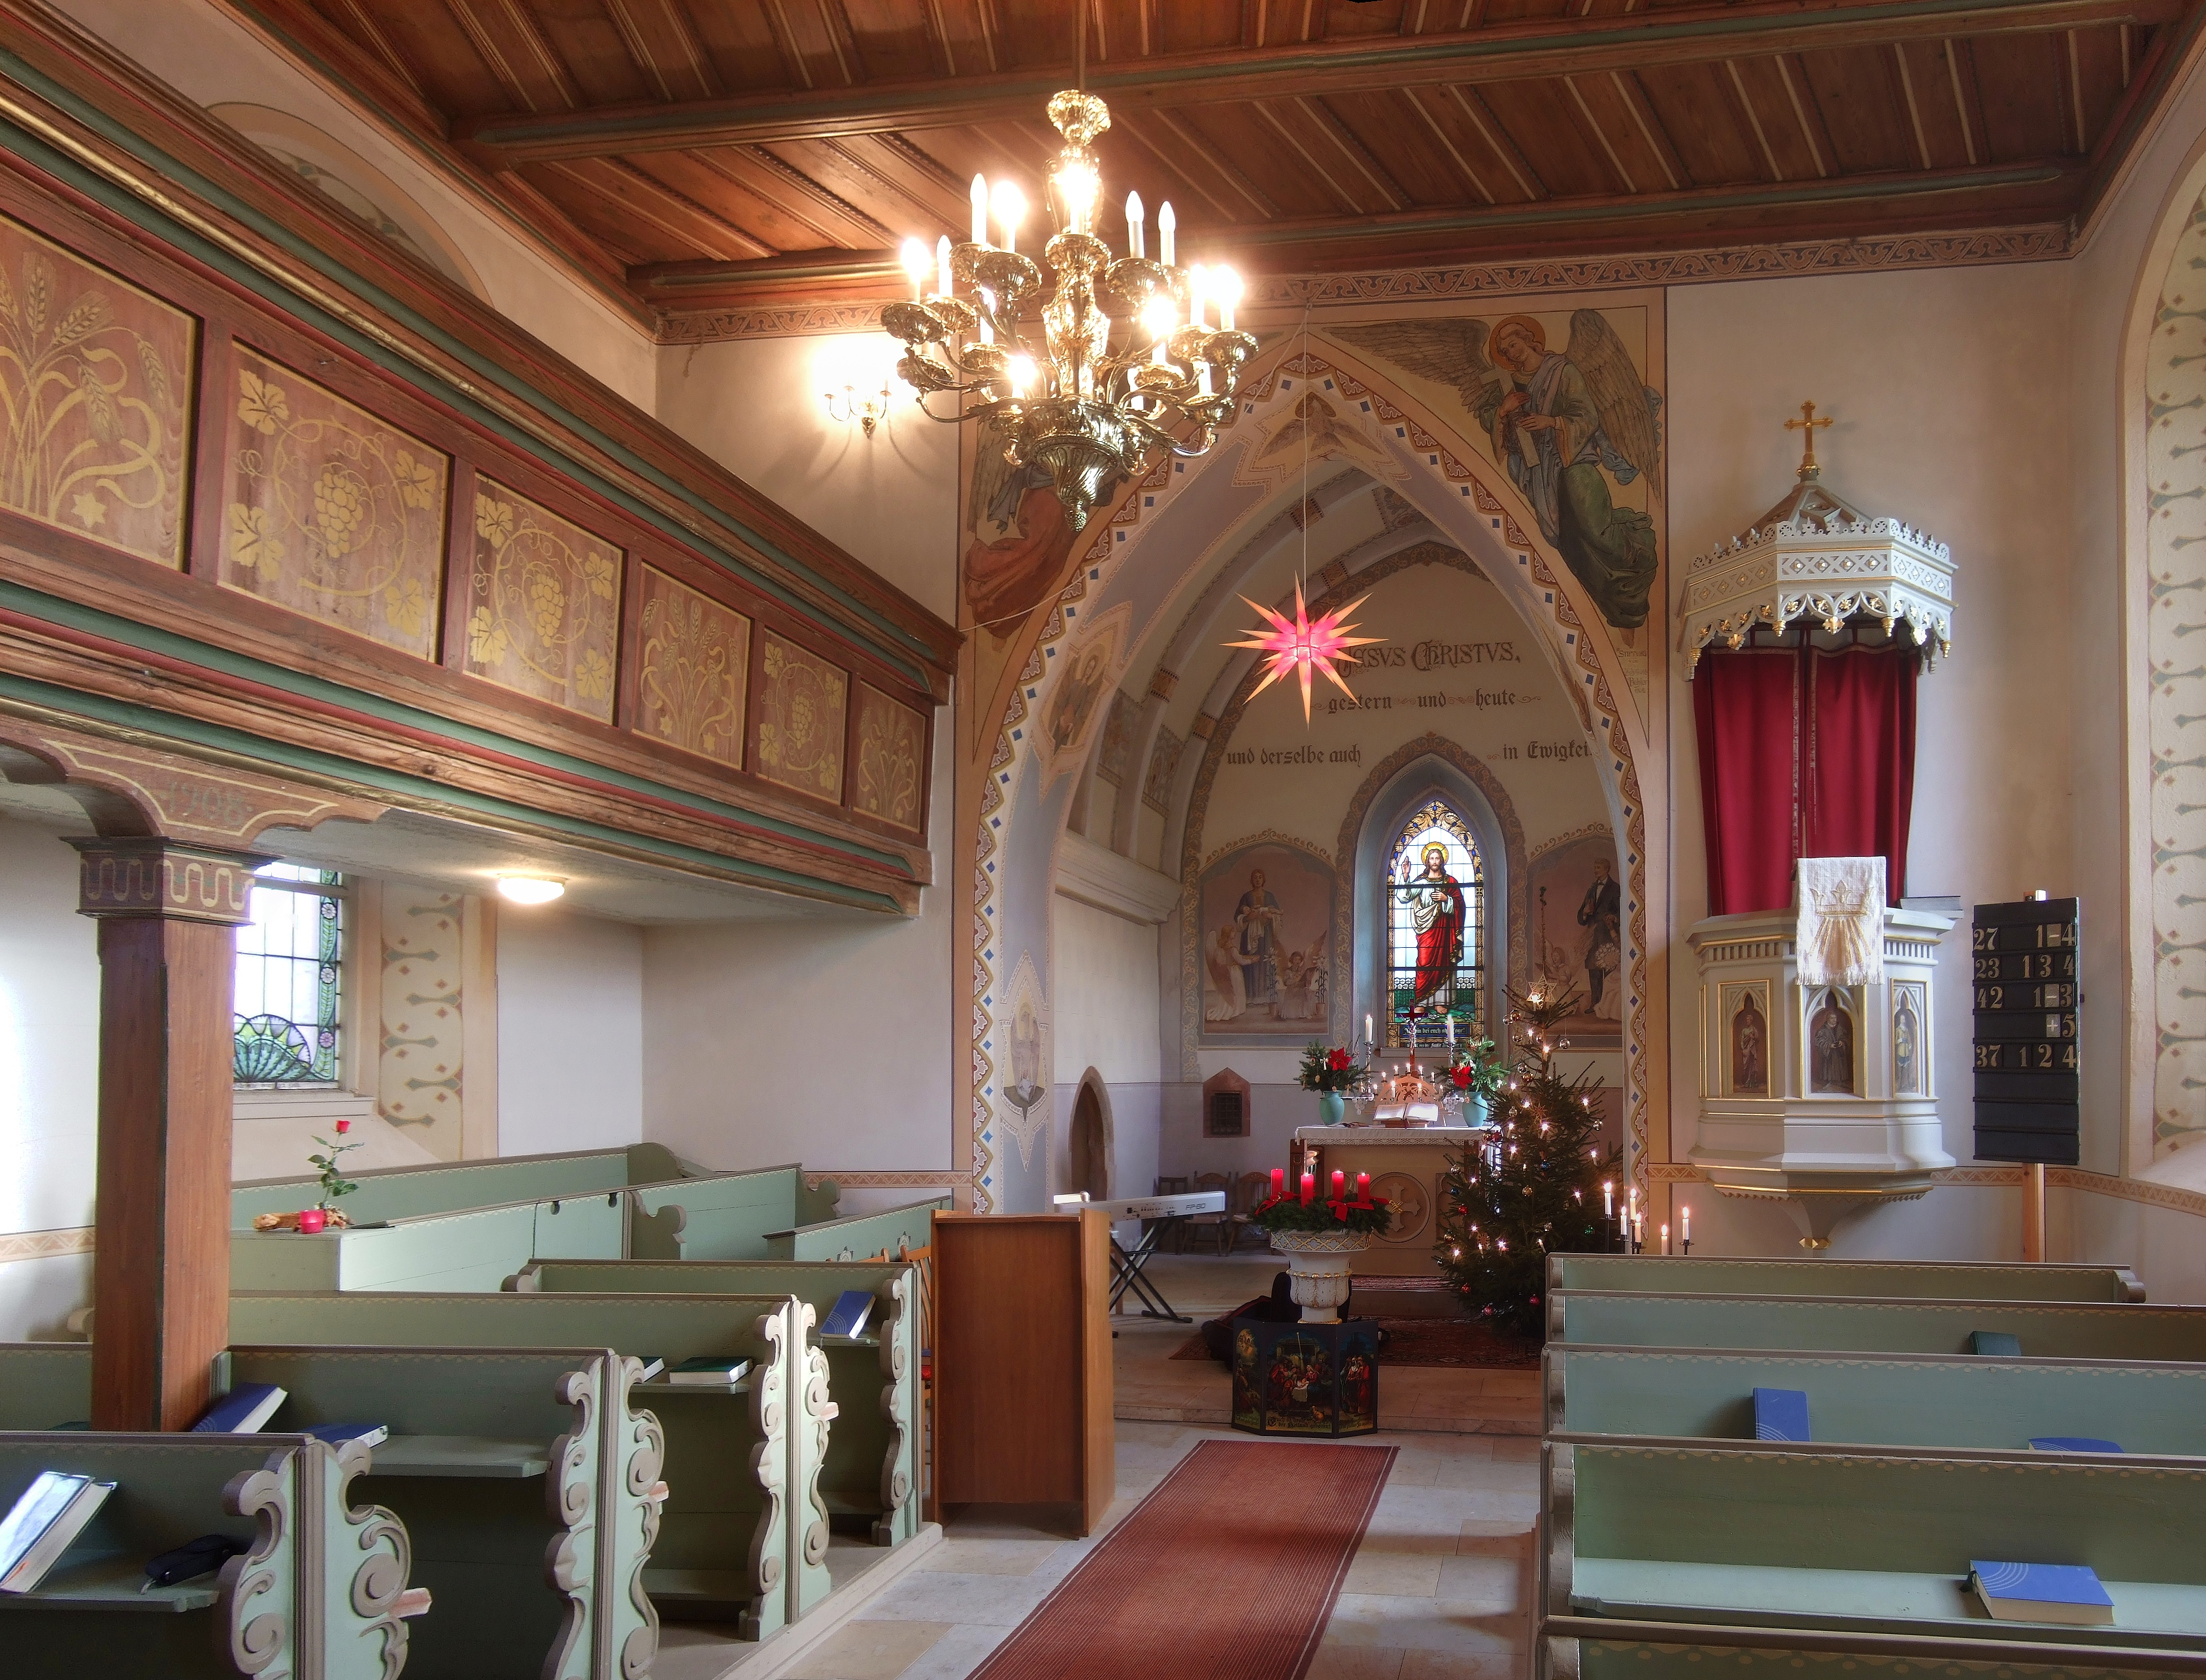 Bild von Zwickau (Landkreis): 2013-12-25 Kirche St. Petri in Kleinbernsdorf